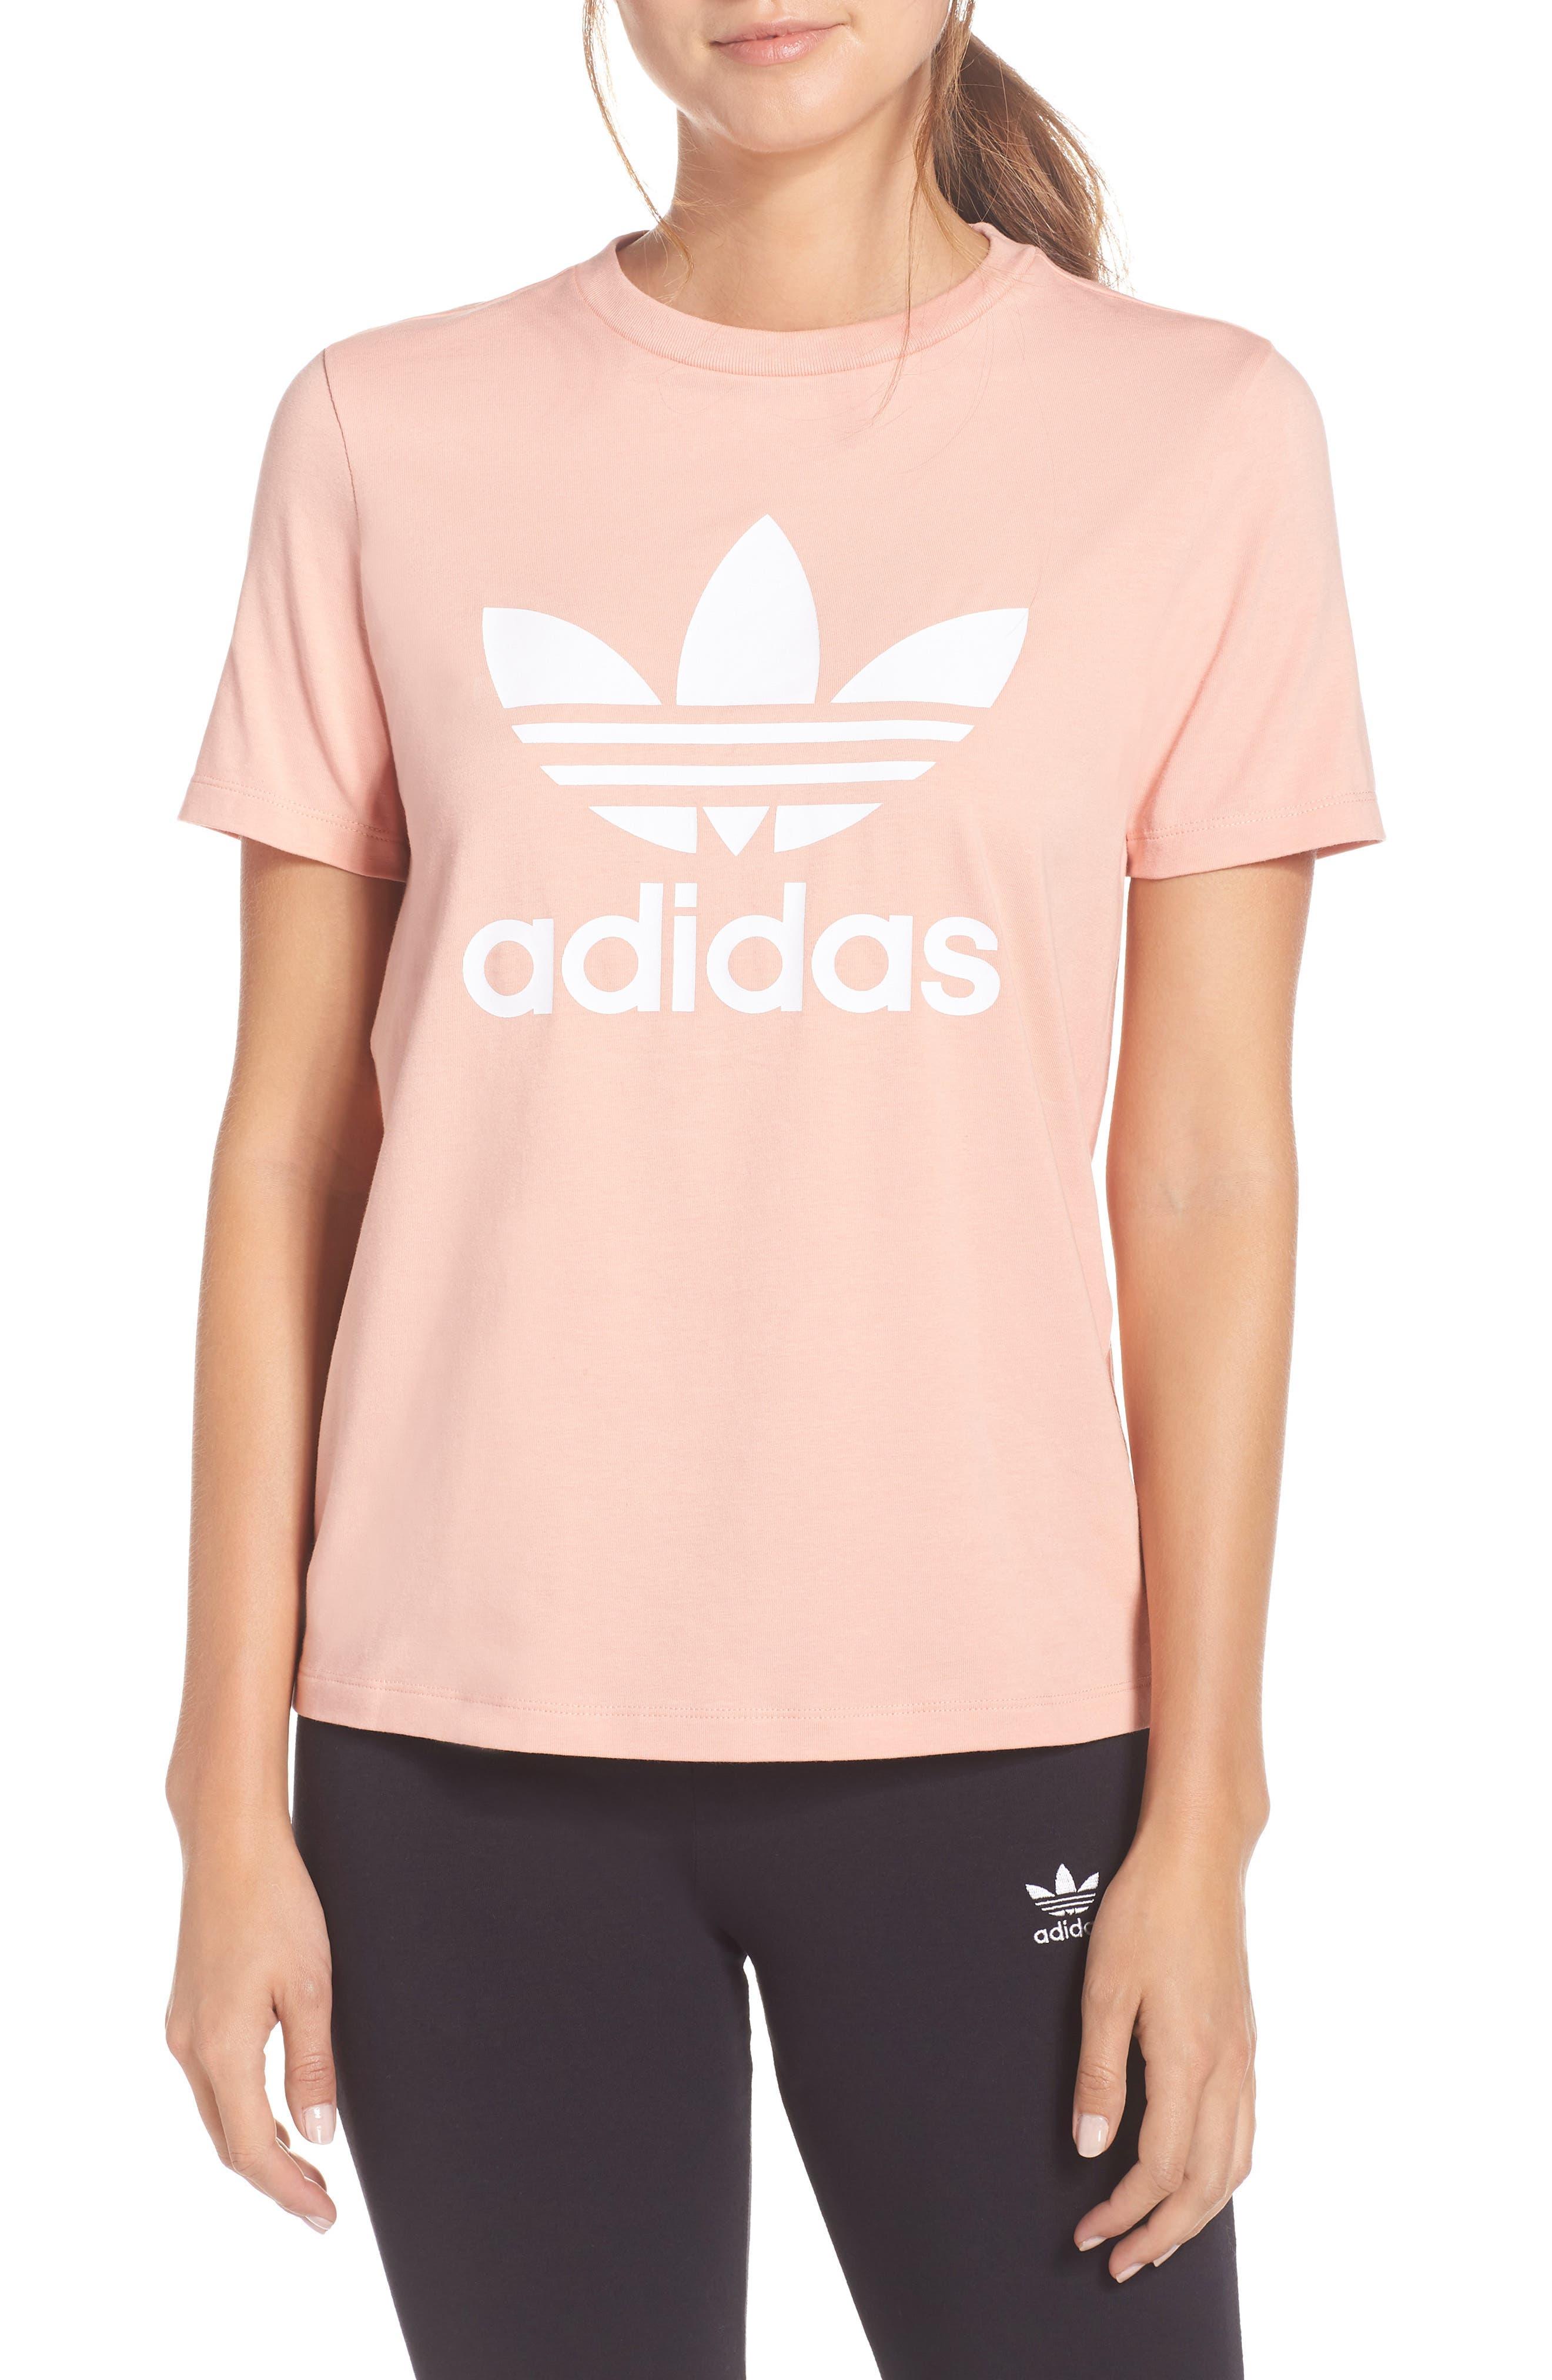 Adidas Trefoil Tee, Pink